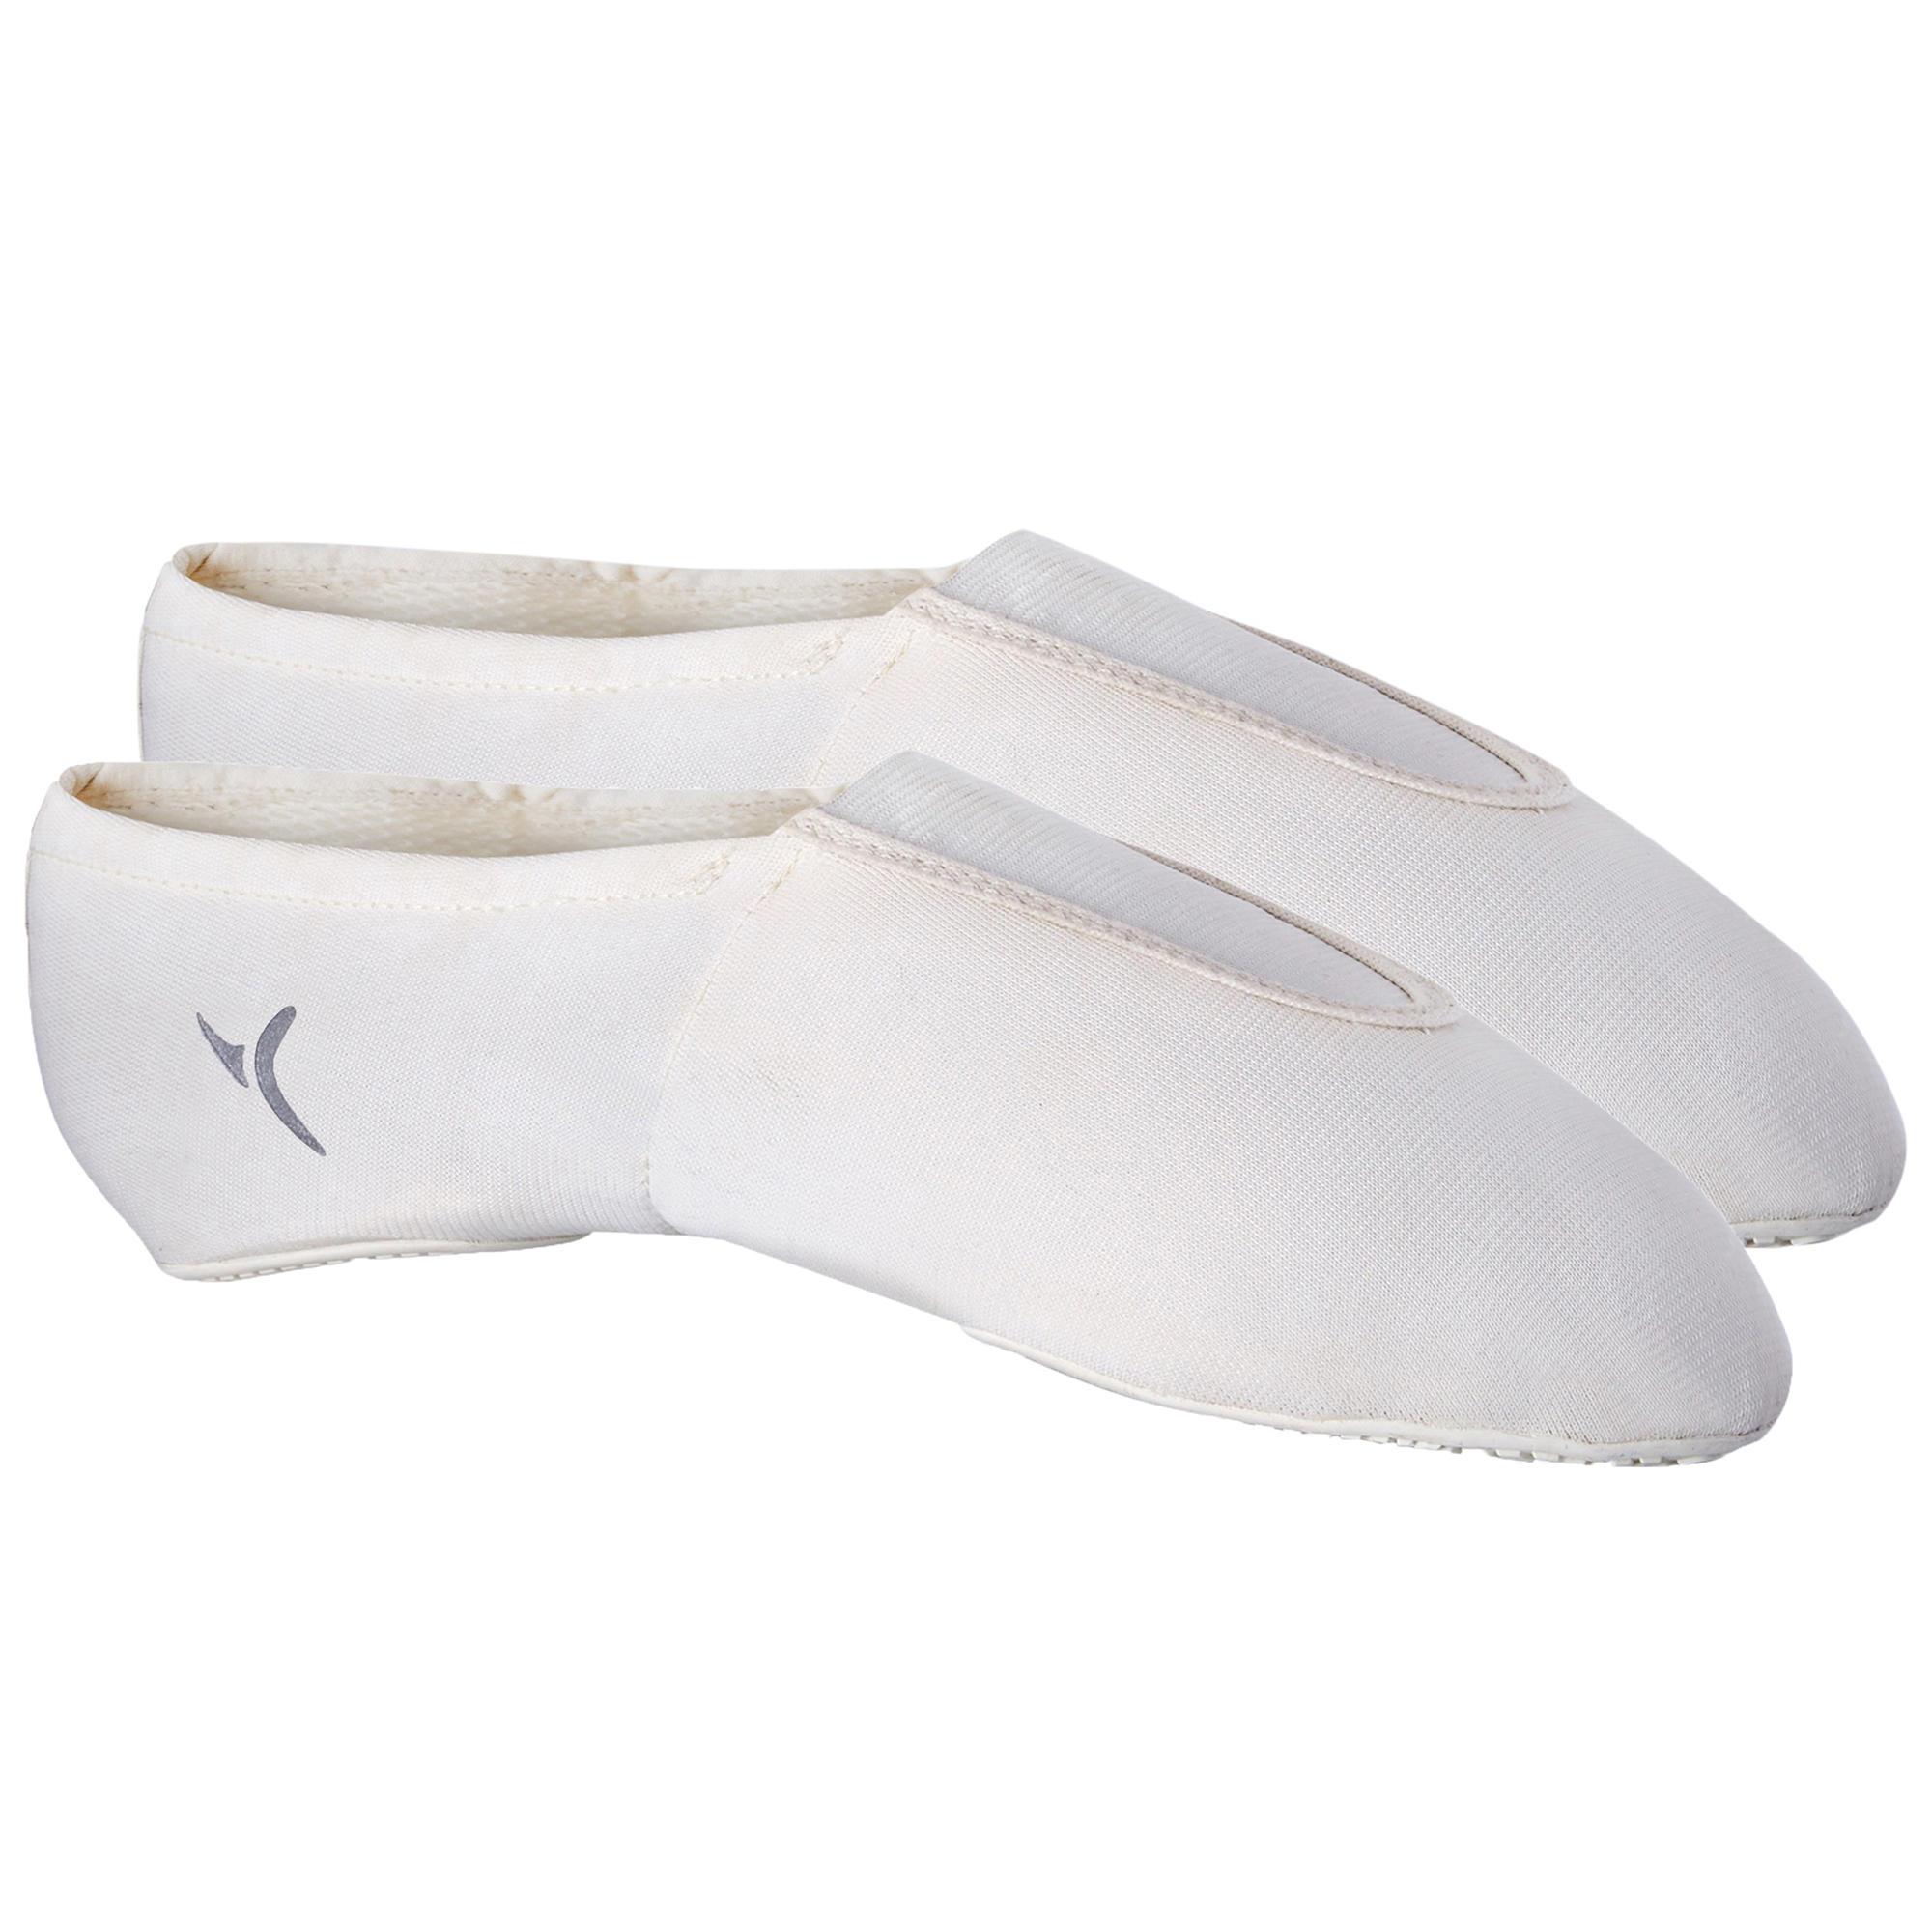 Jungen Mädchen Herren Damen Sport Turn Tanz Gymnastik Schuhe Schläppchen Neu